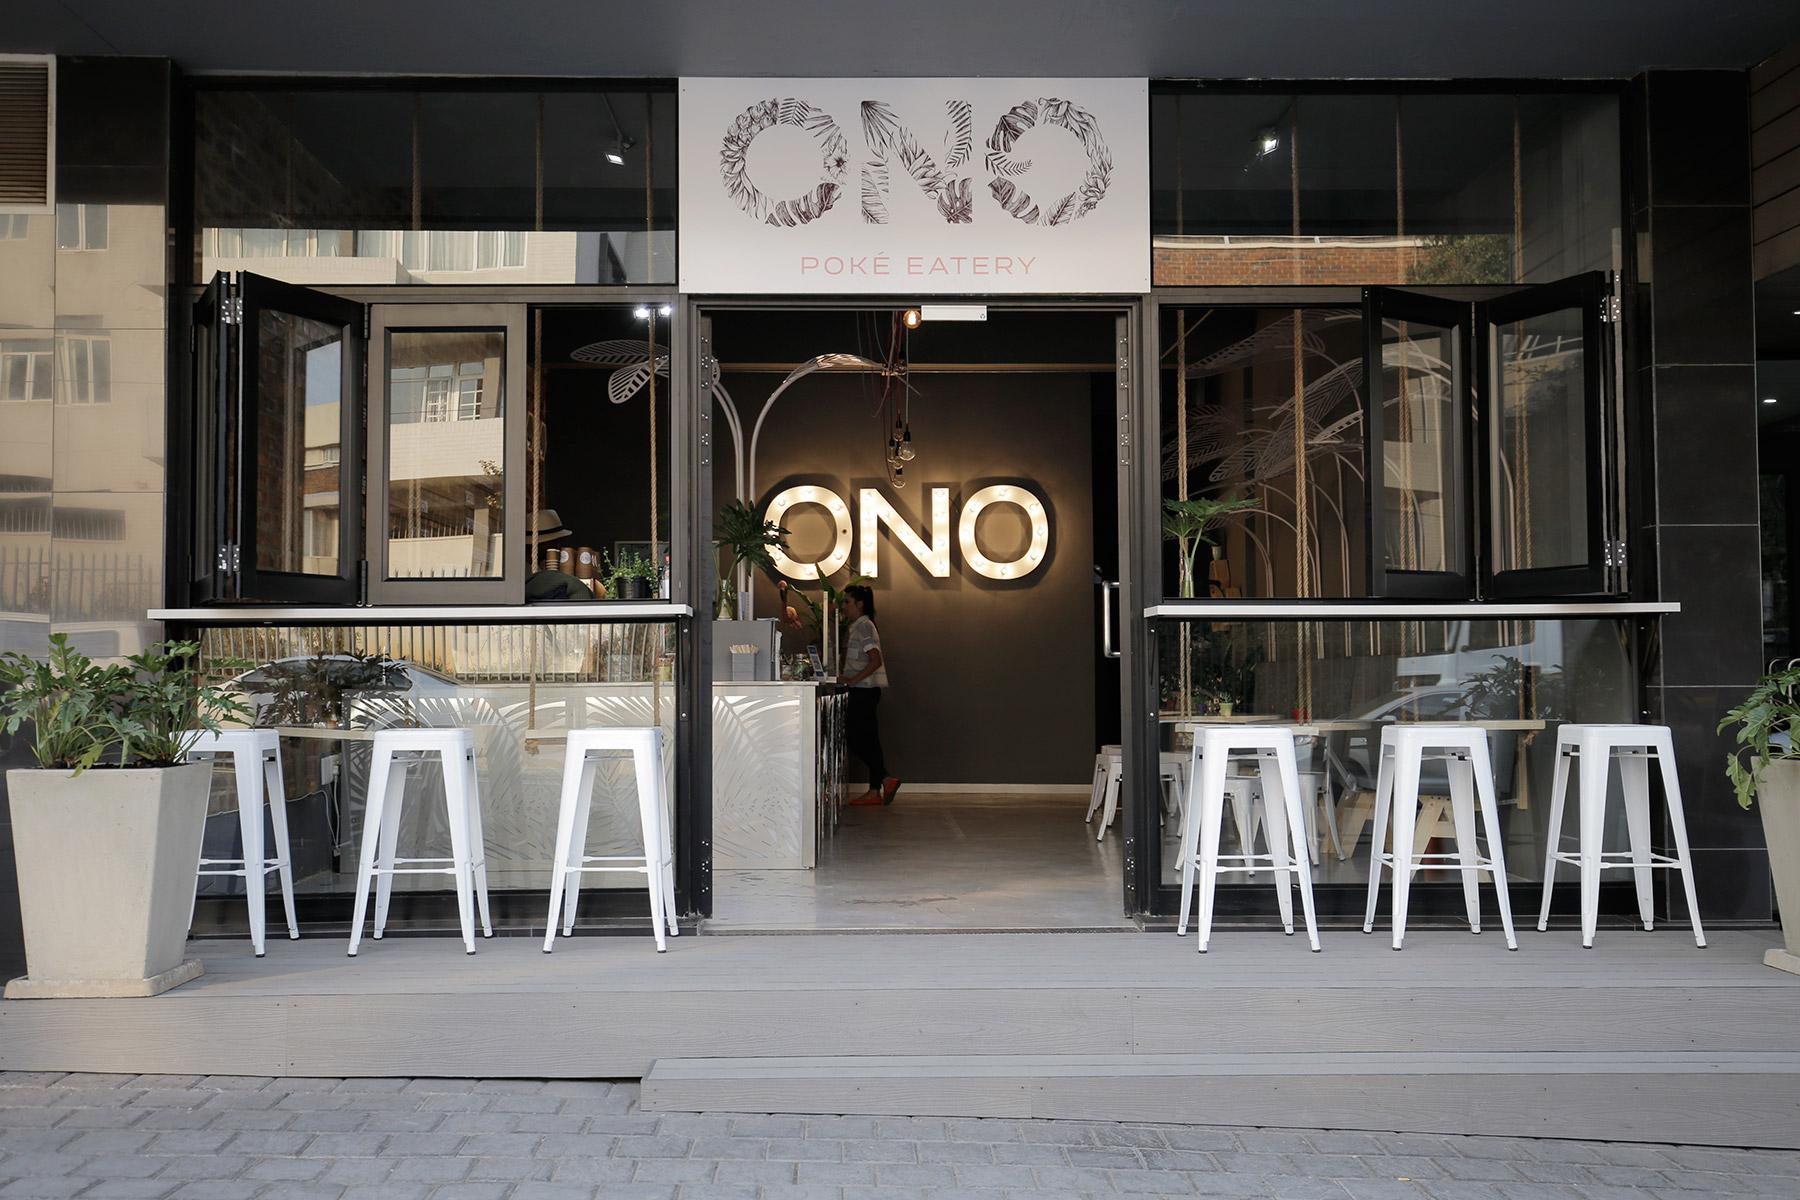 Ono-eatery-14